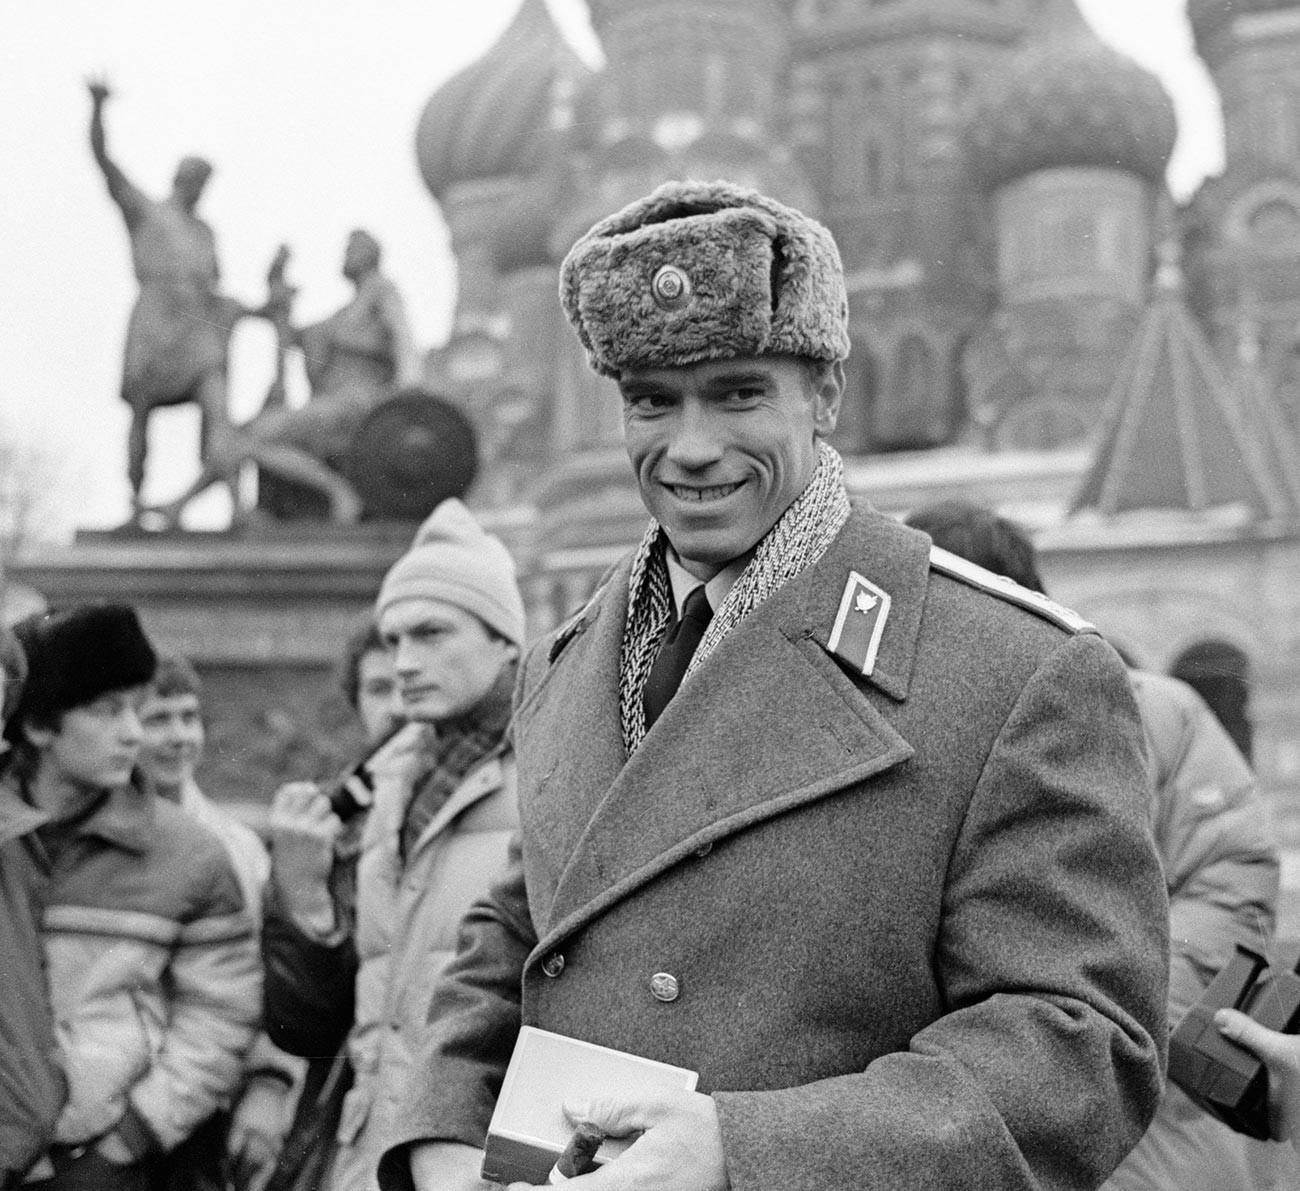 Американският актьор и културист Арнолд Шварценегер на Червения площад